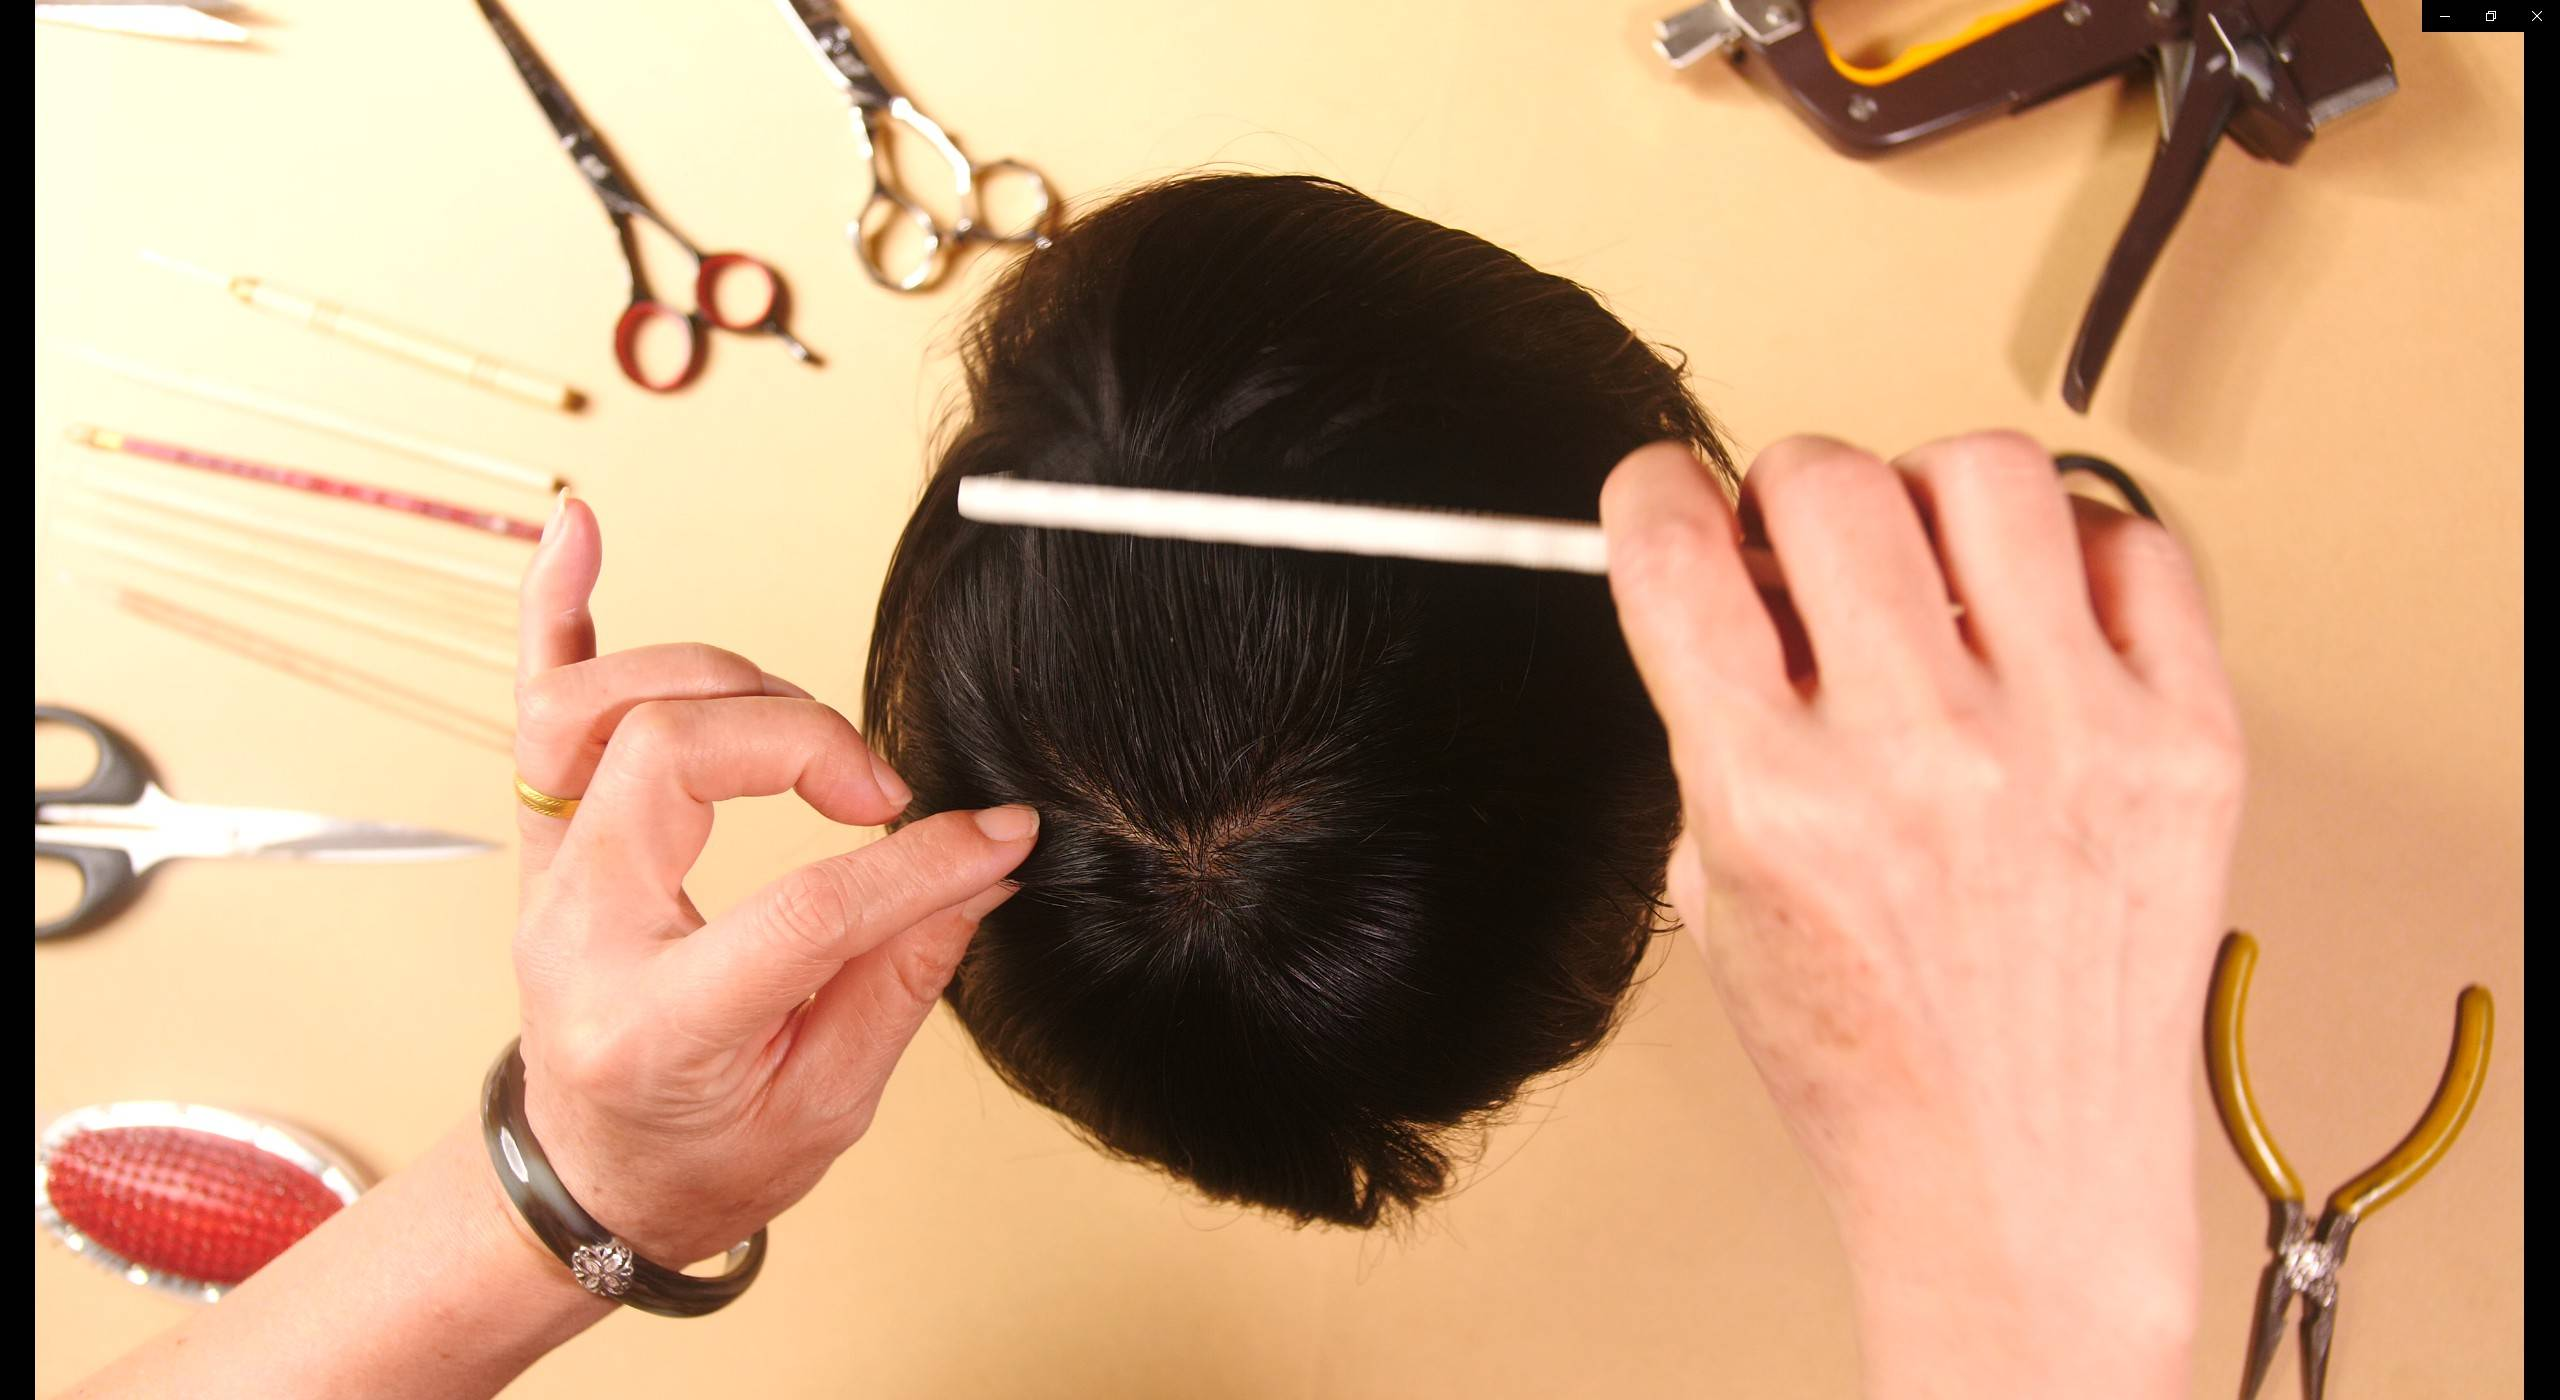 这些容易导致脱发的行为你都做过吗?